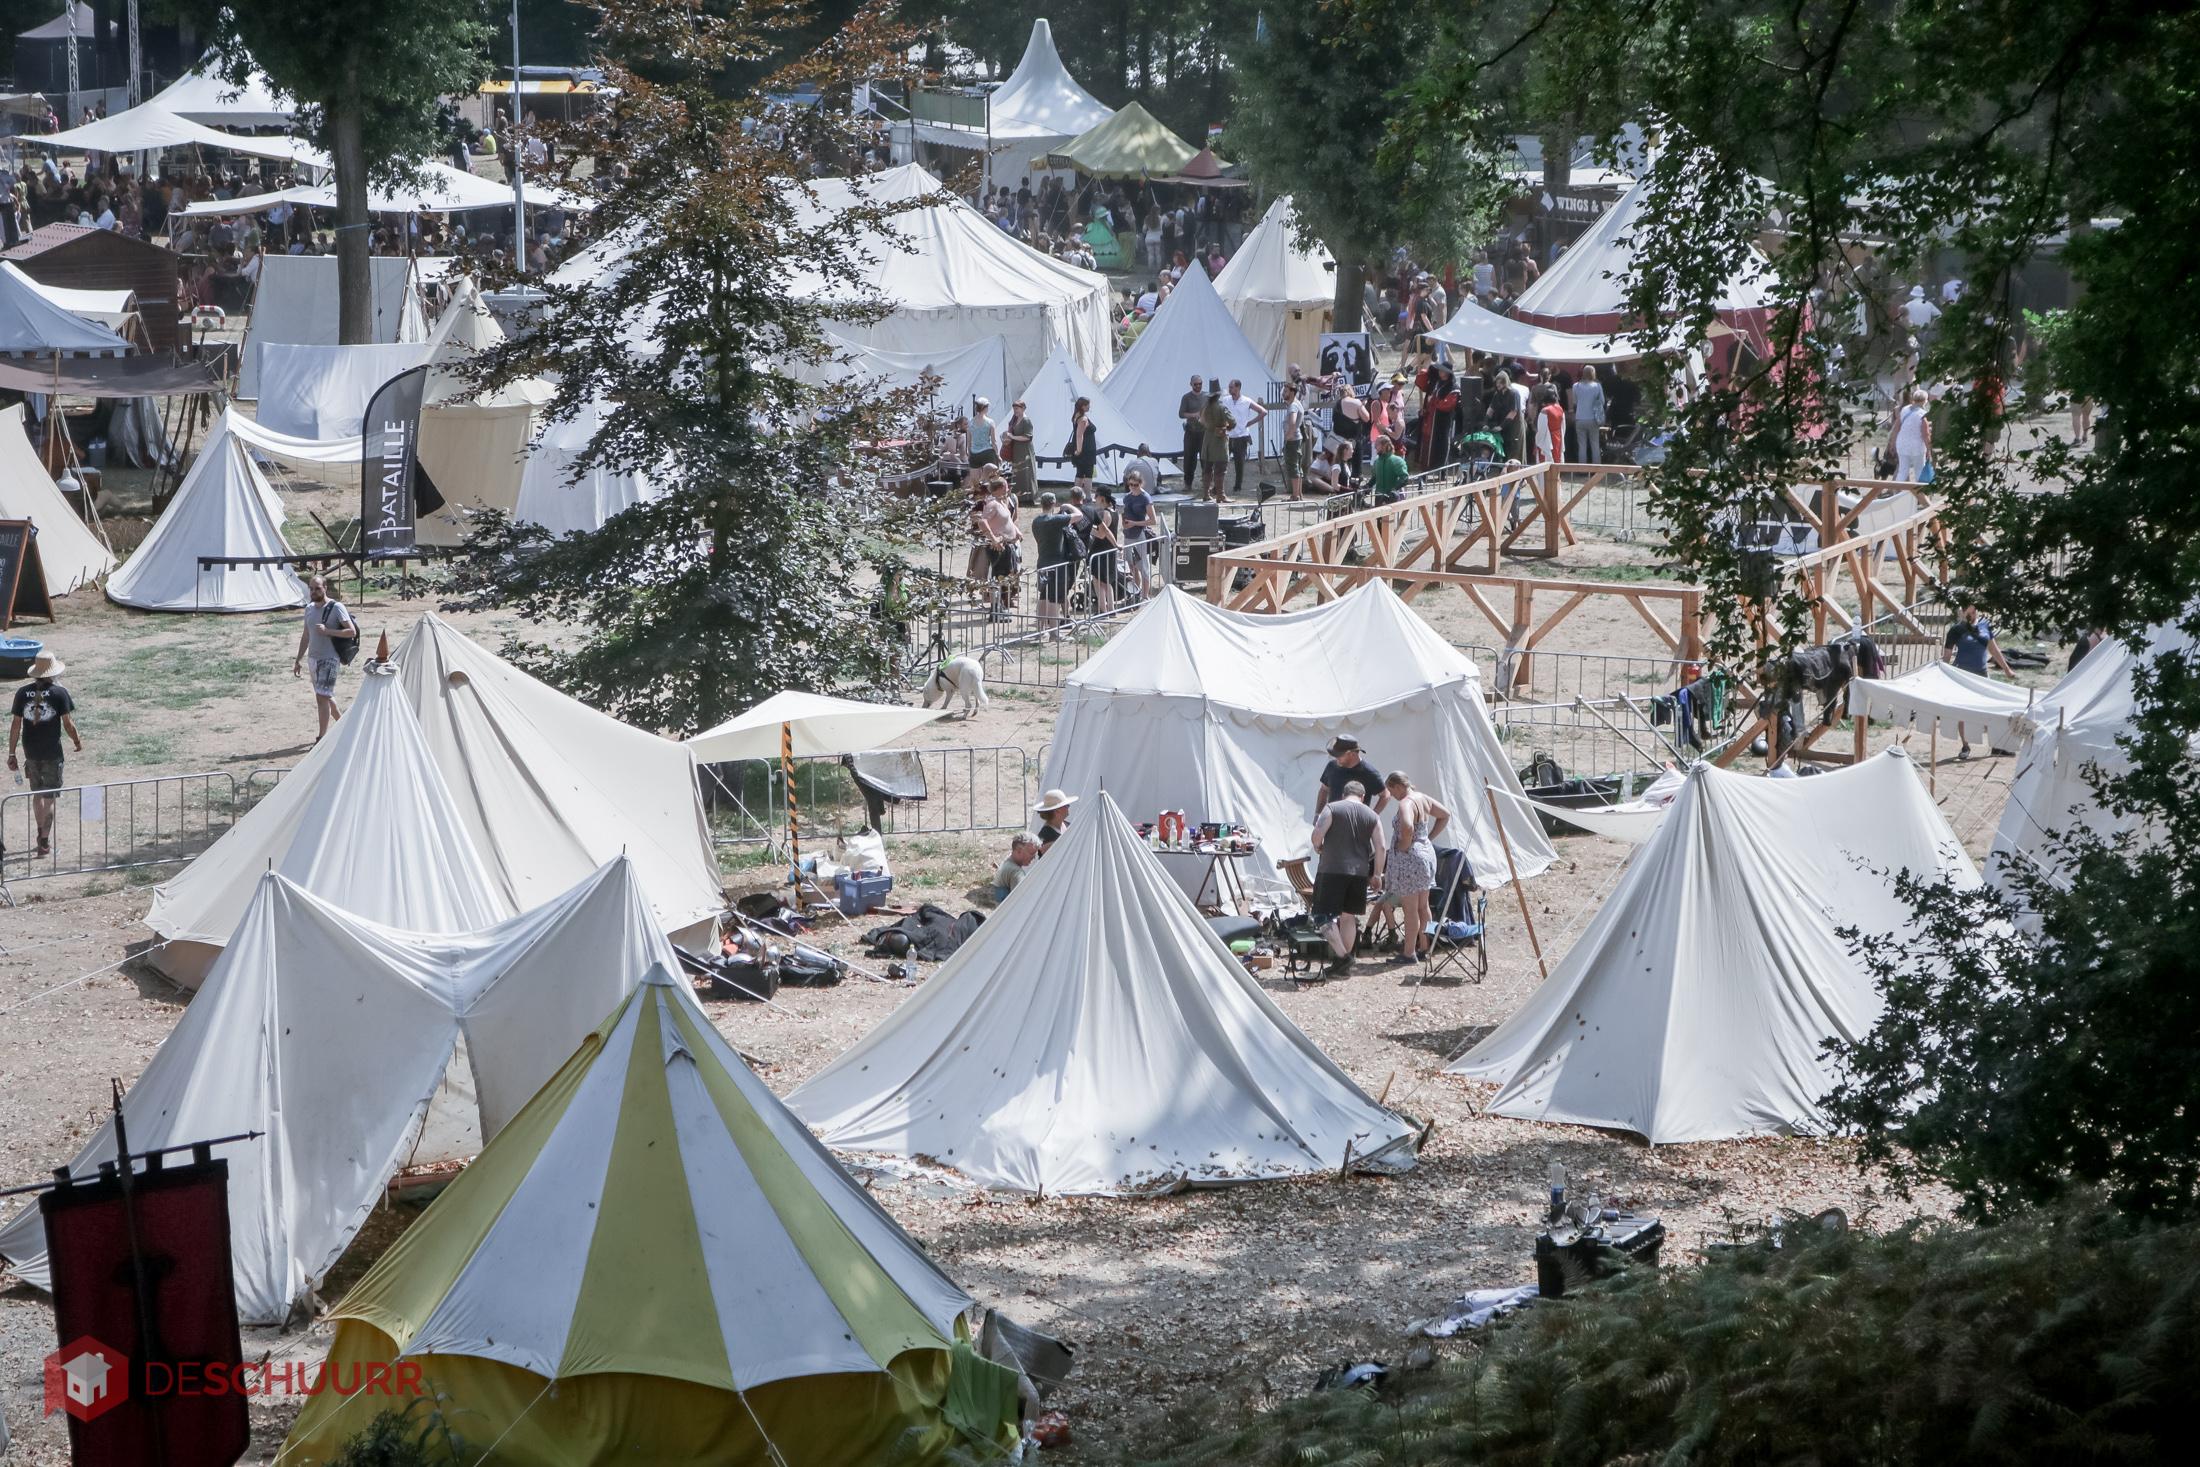 Castlefest 2018 deschuurr-35